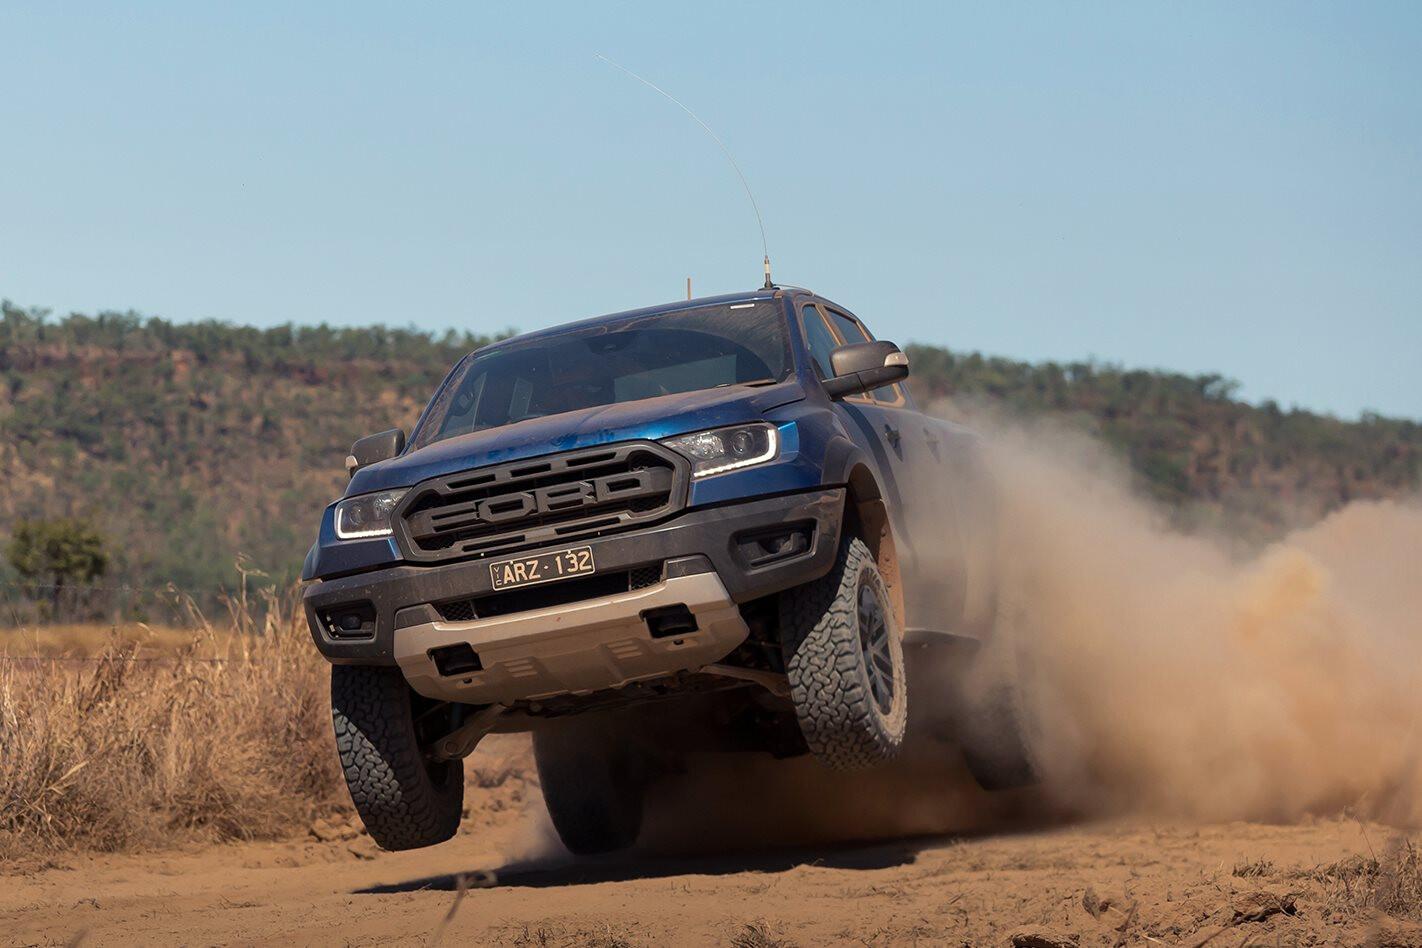 Ford Ranger Jpeg